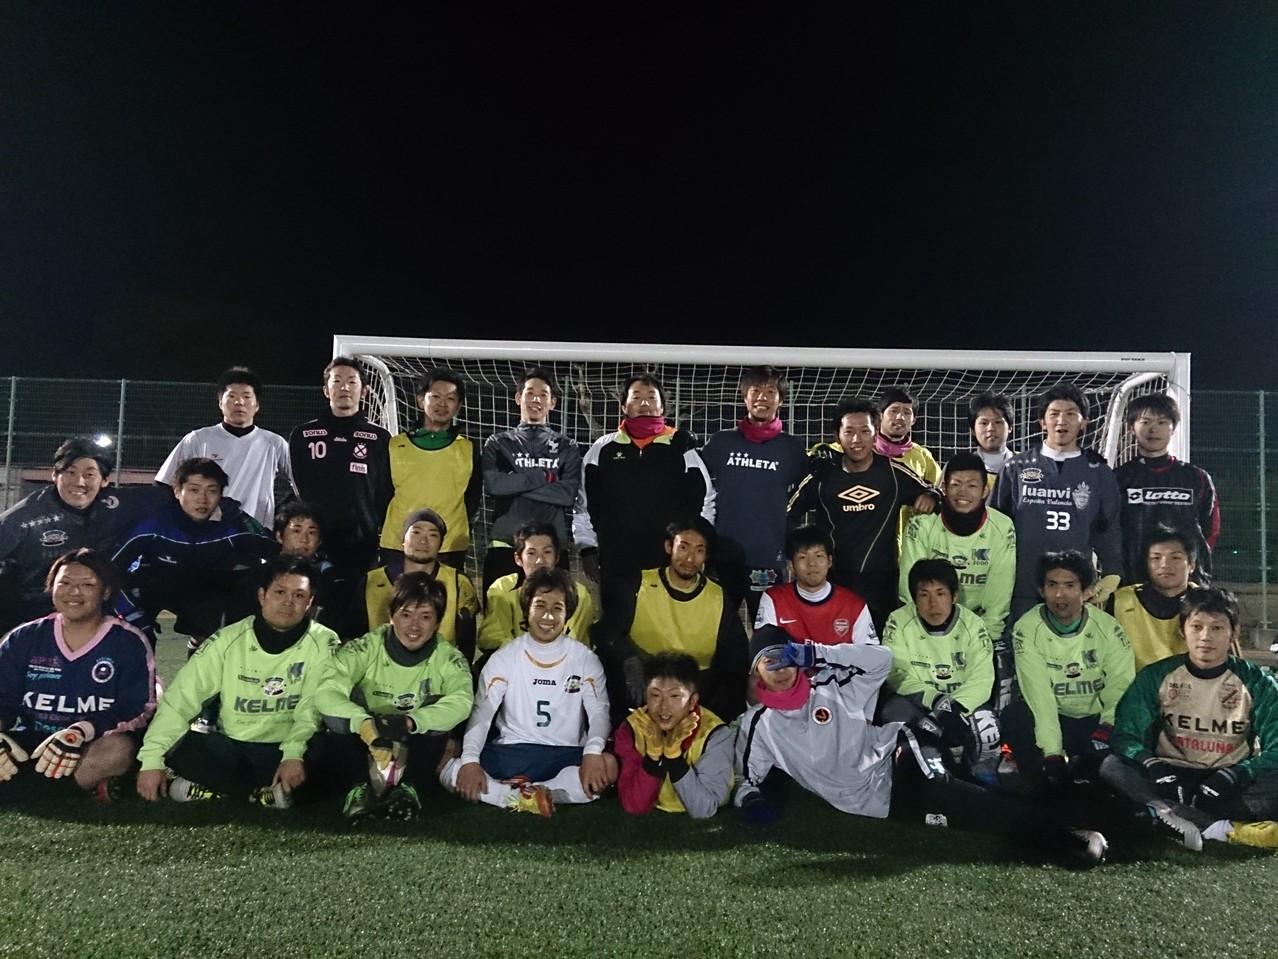 2013/12/14 服部緑地人工芝サッカー場 紅白戦